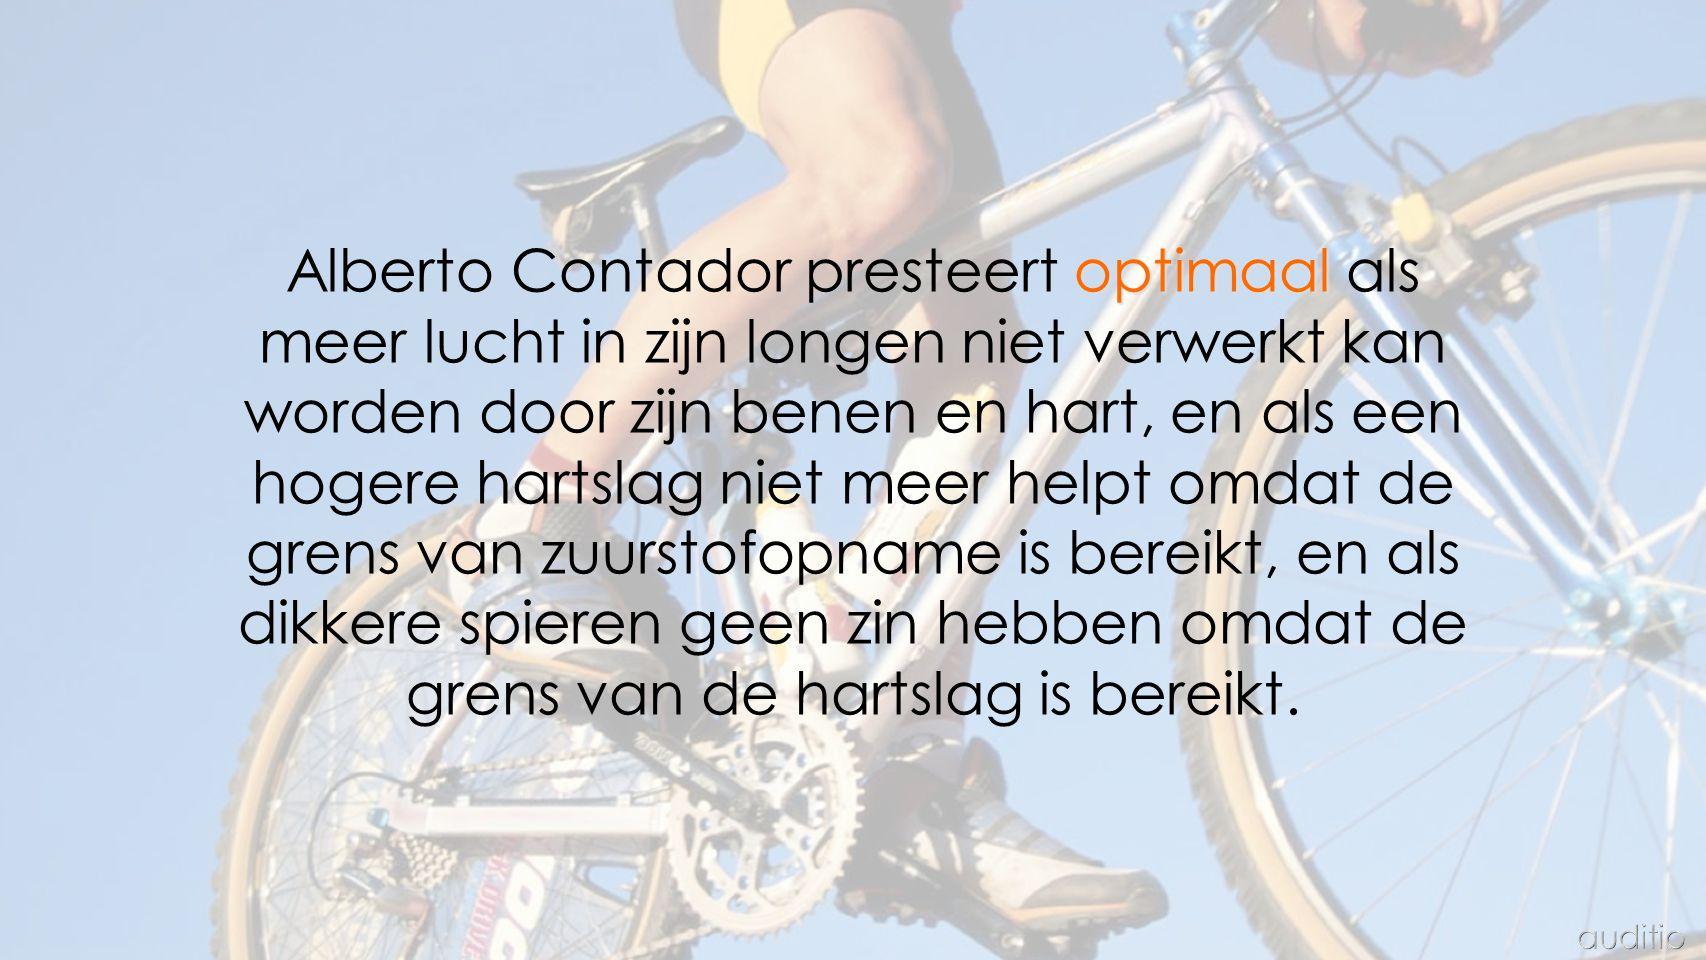 Alberto Contador presteert optimaal als meer lucht in zijn longen niet verwerkt kan worden door zijn benen en hart, en als een hogere hartslag niet meer helpt omdat de grens van zuurstofopname is bereikt, en als dikkere spieren geen zin hebben omdat de grens van de hartslag is bereikt.